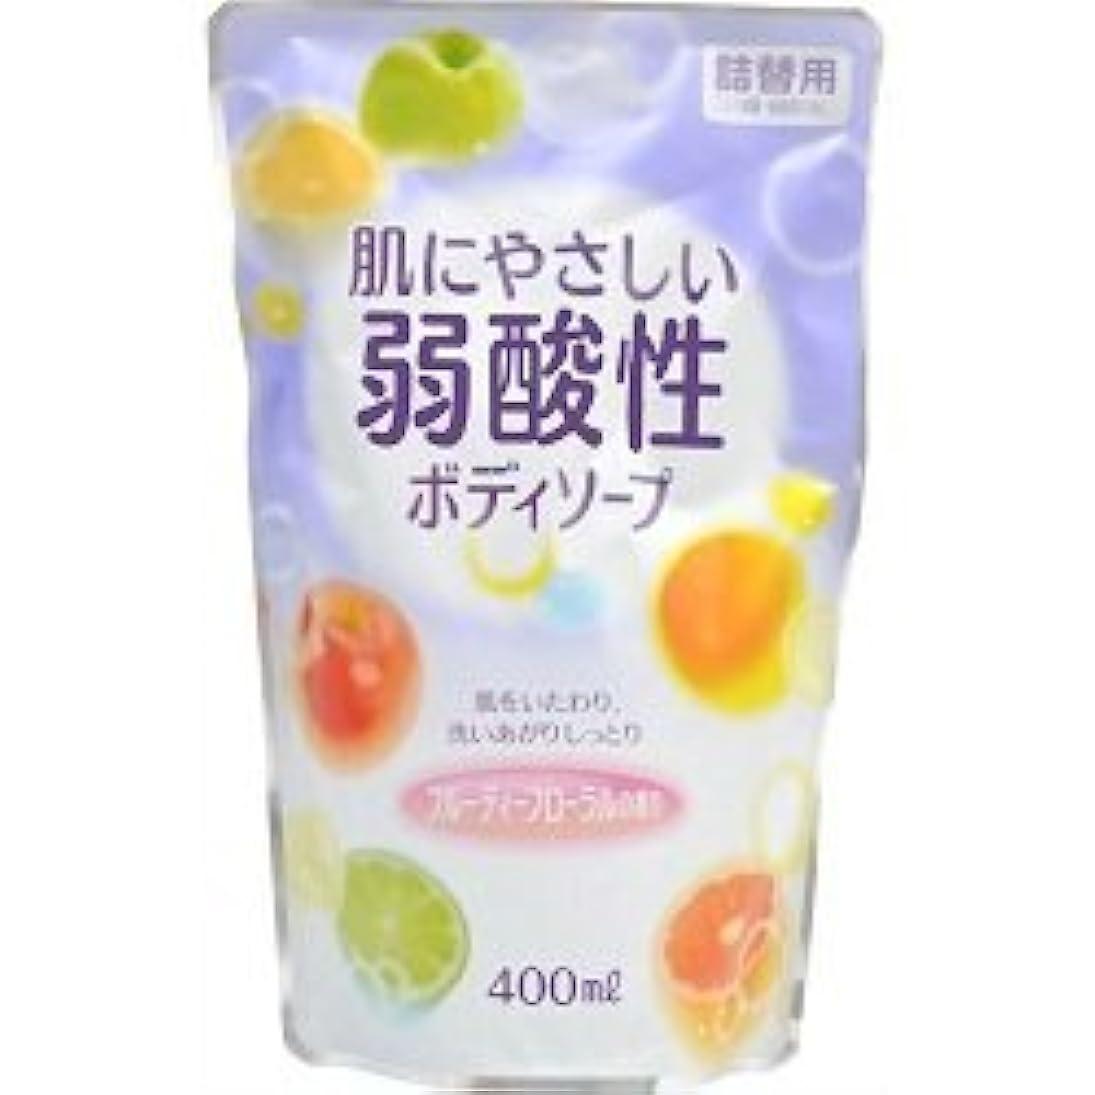 費やす呼びかける迷惑【エオリア】弱酸性ボディソープ フルーティフローラルの香り 詰替用 400ml ×5個セット